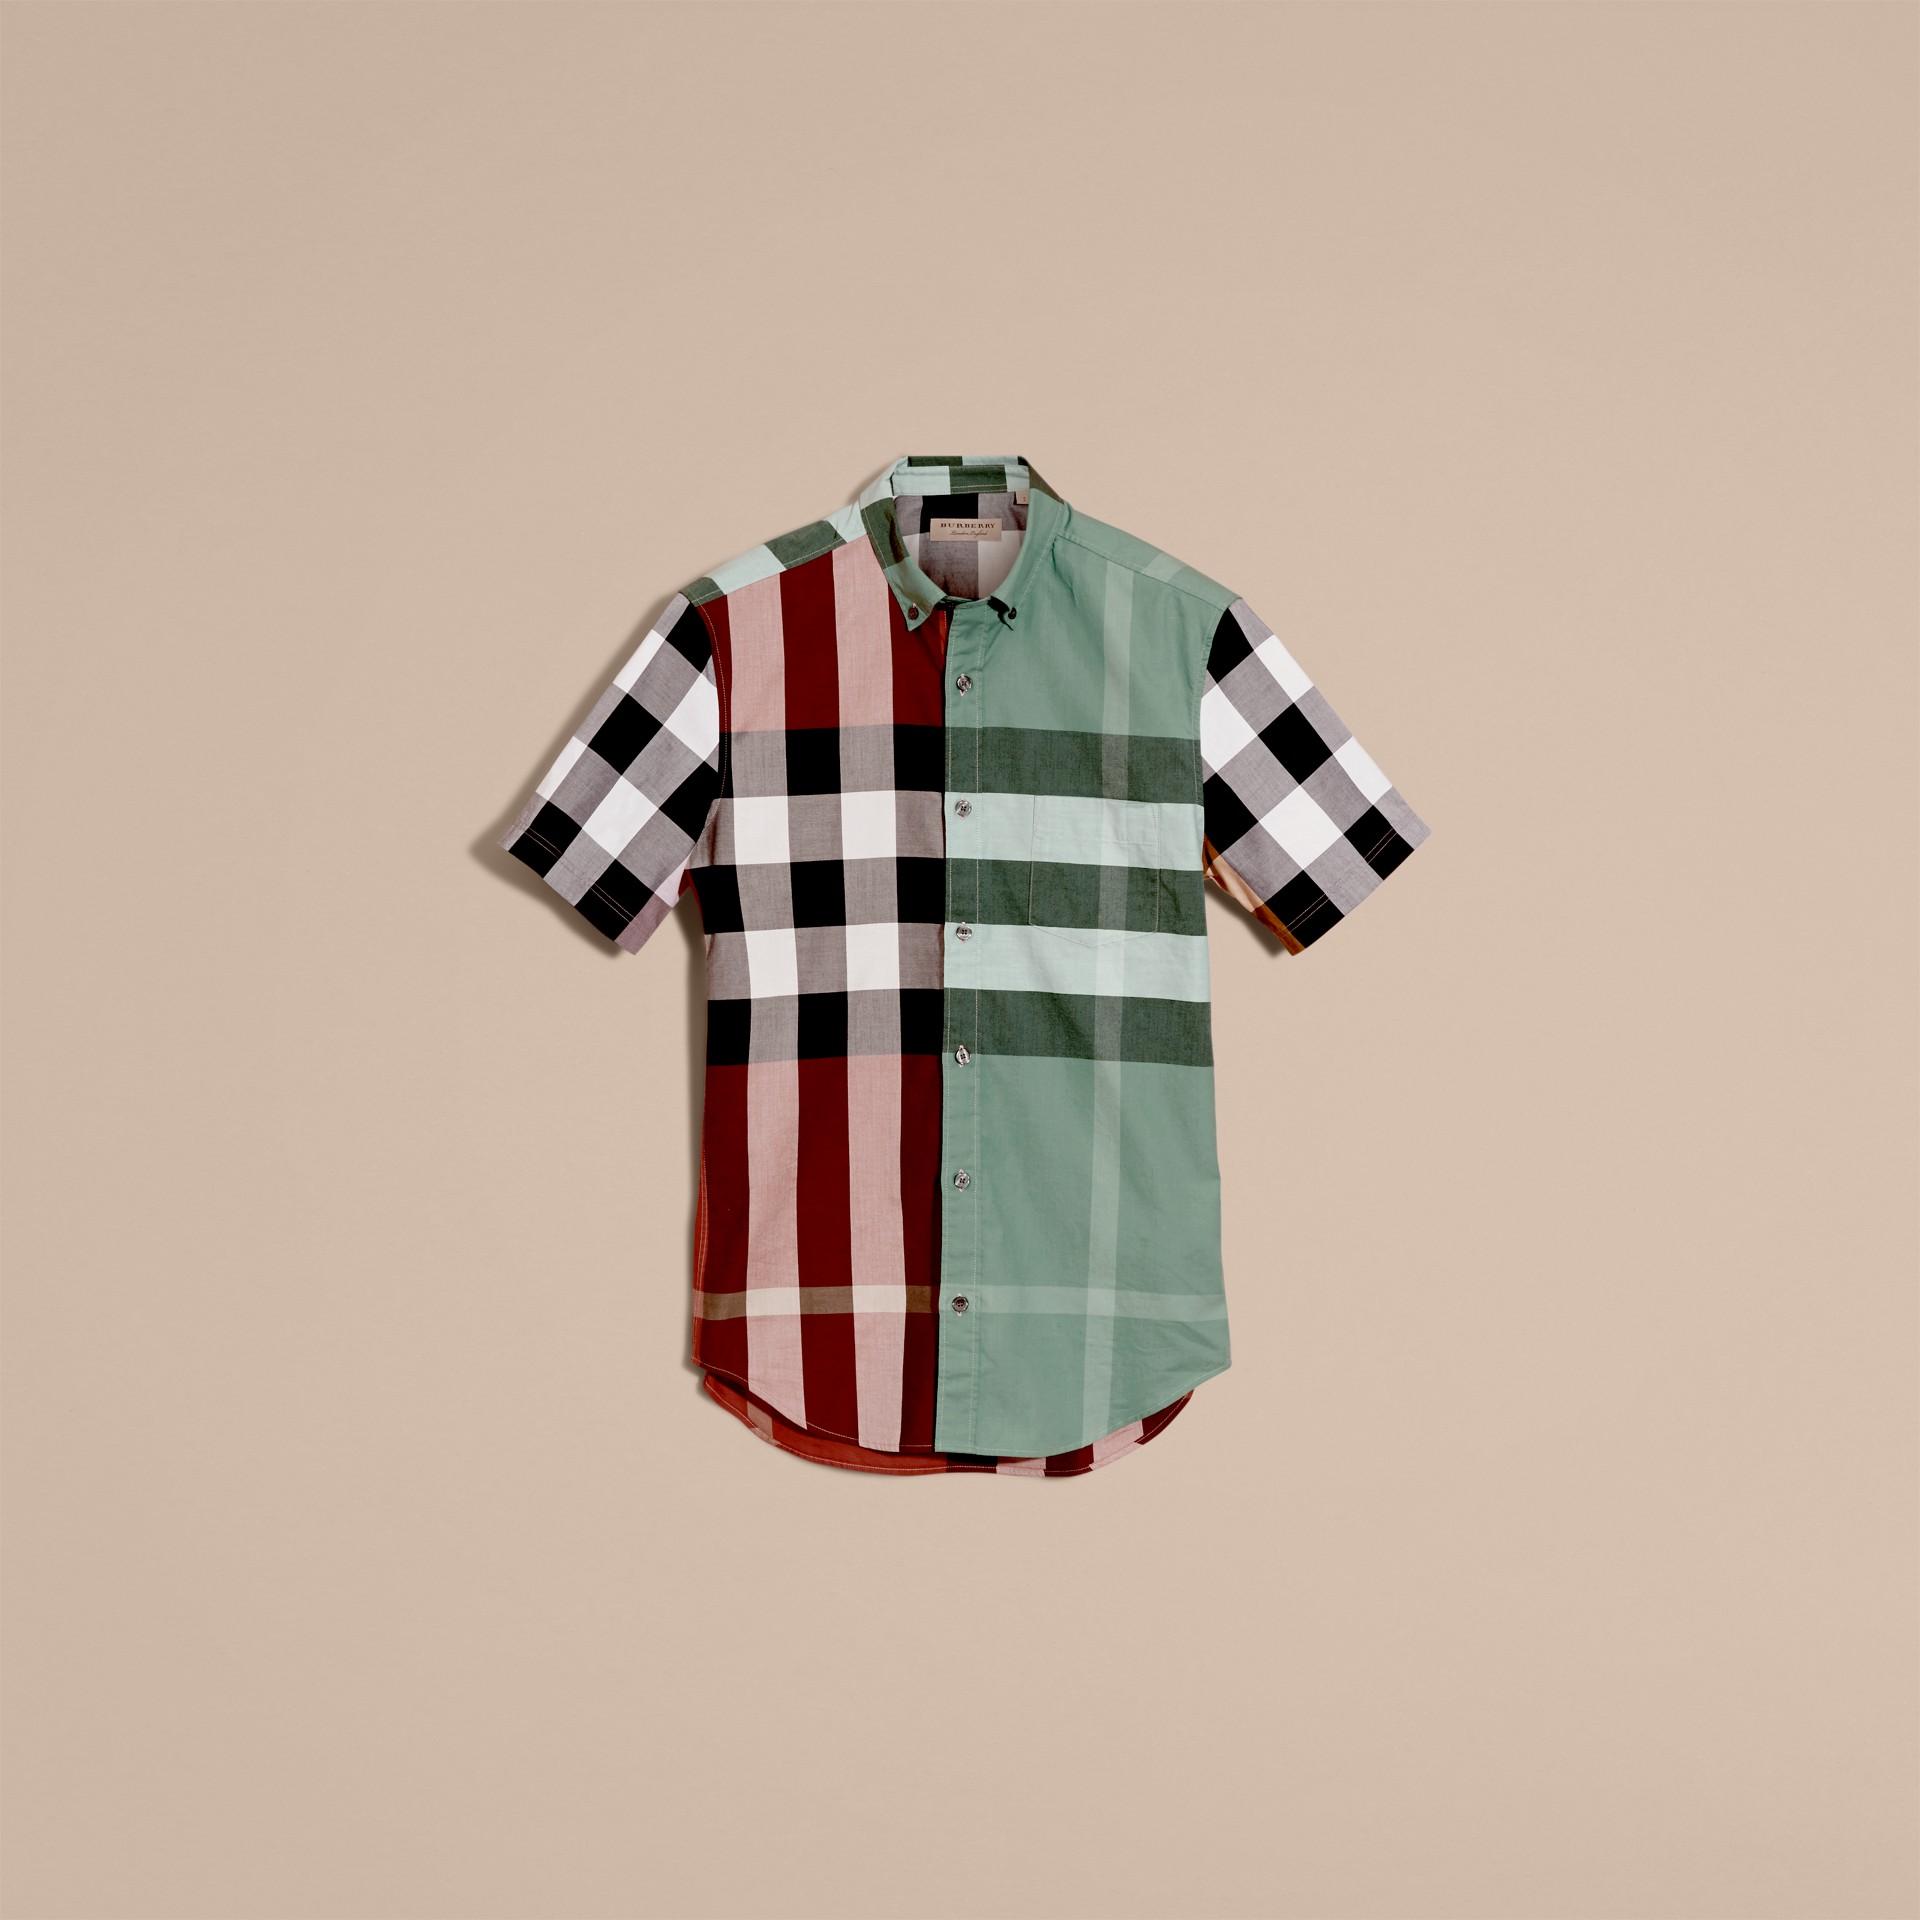 Rosso parata Camicia a maniche corte in cotone con motivo check a blocchi di colore Rosso Parata - immagine della galleria 4